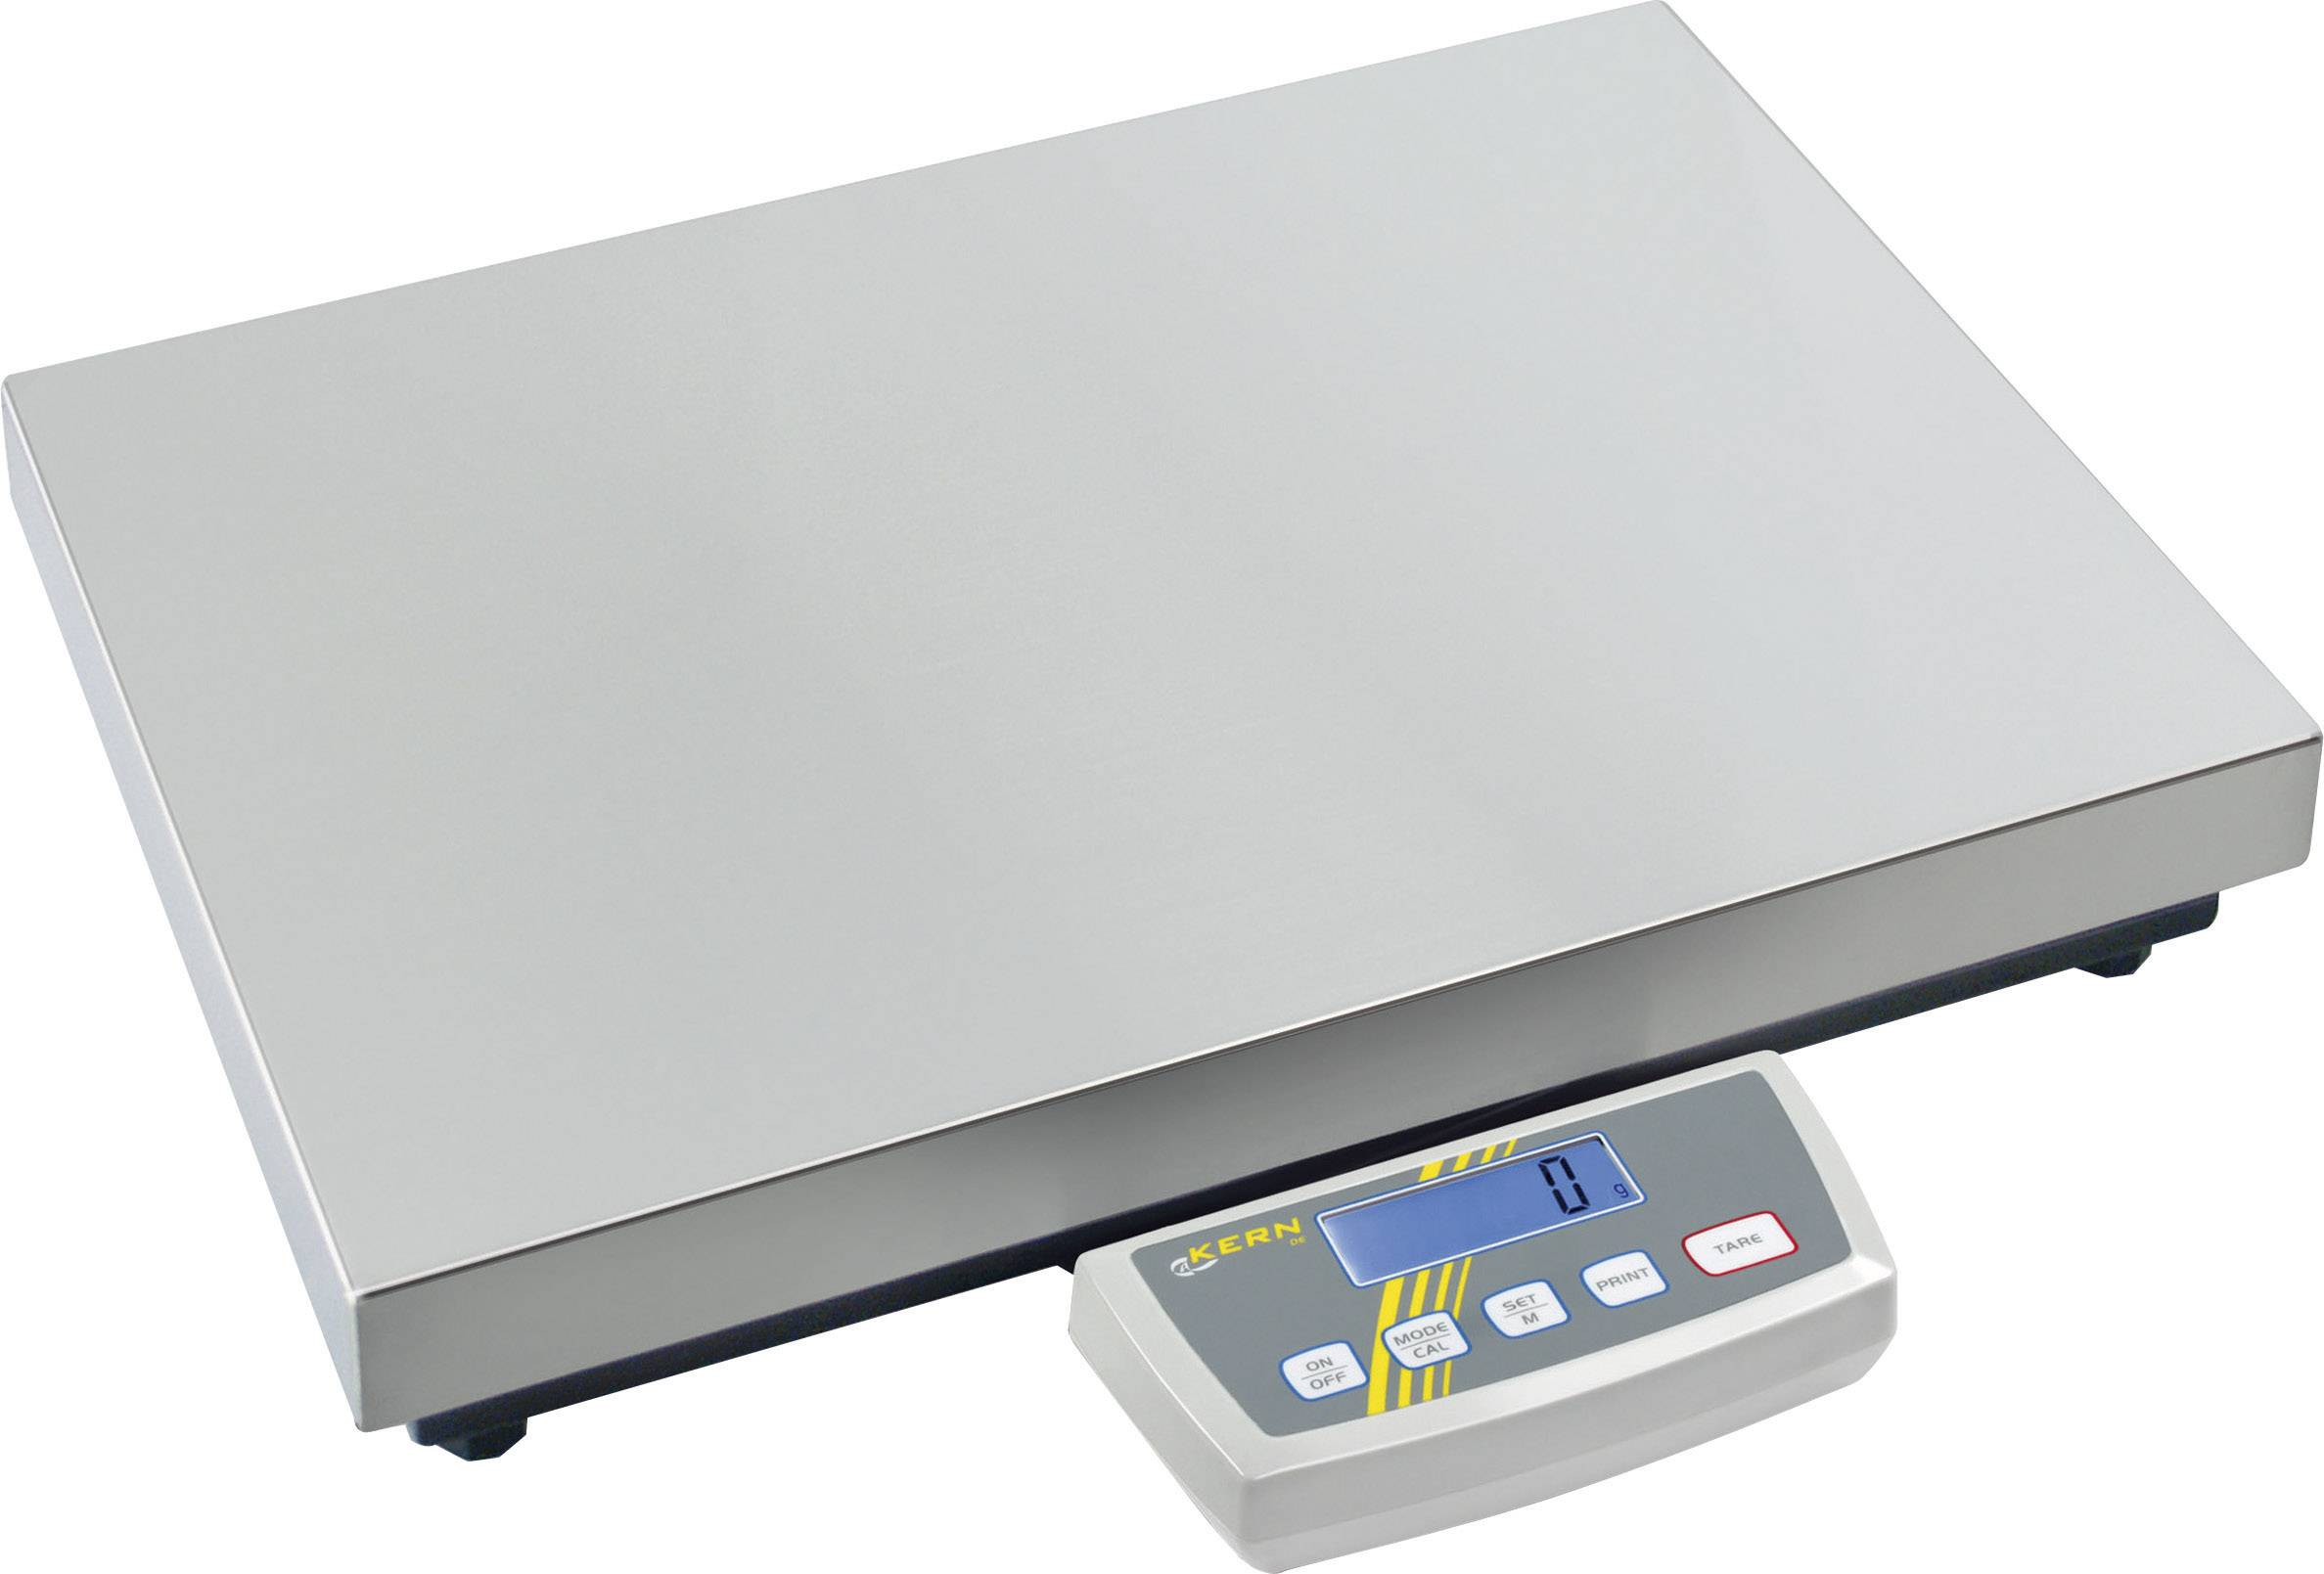 Stolná váha Kern DE 6K1D, 6 kg